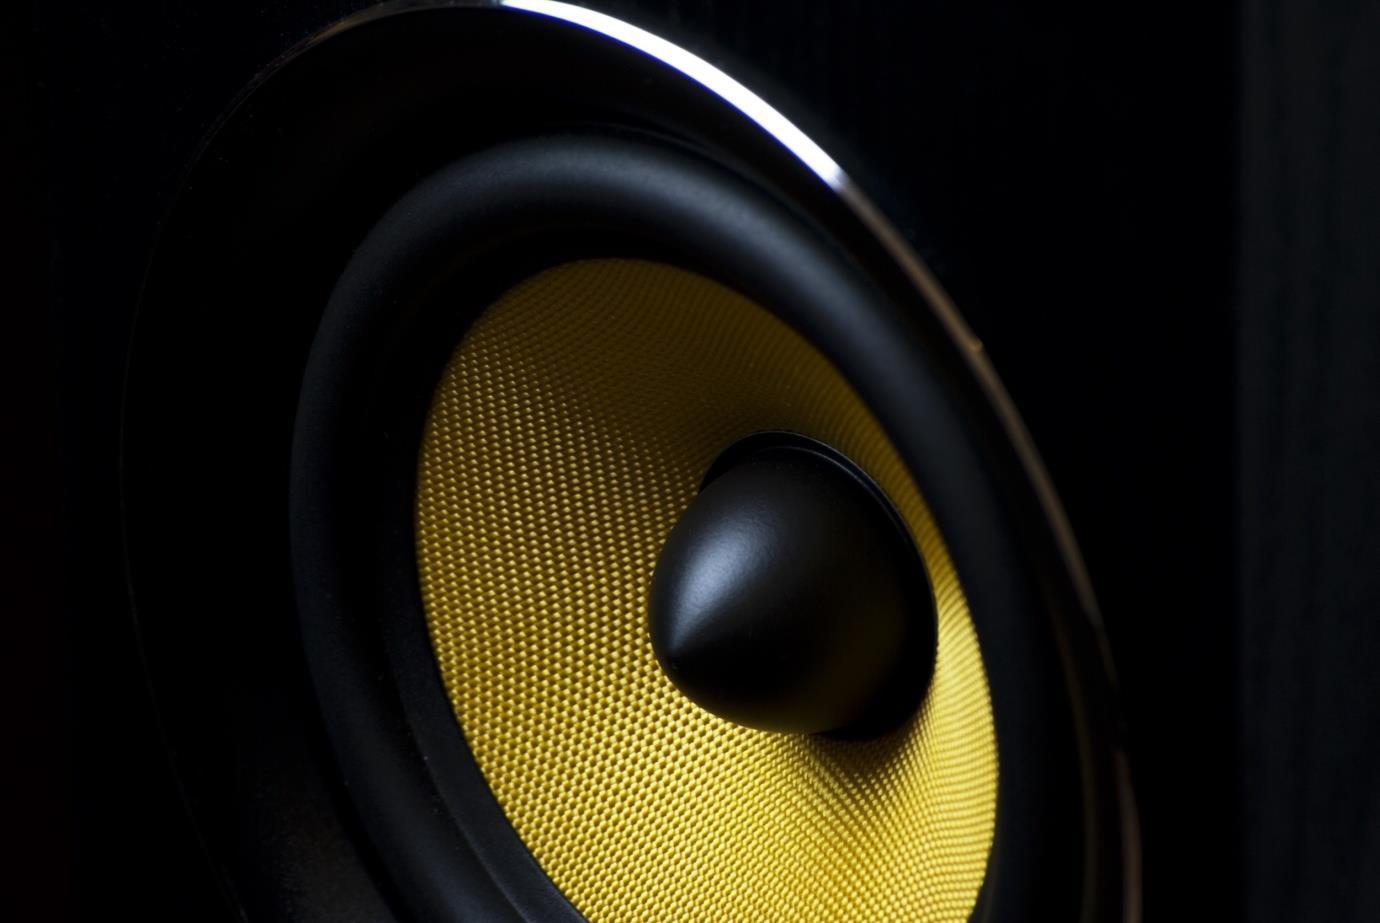 Top 5 Computer Speakers 2019/20